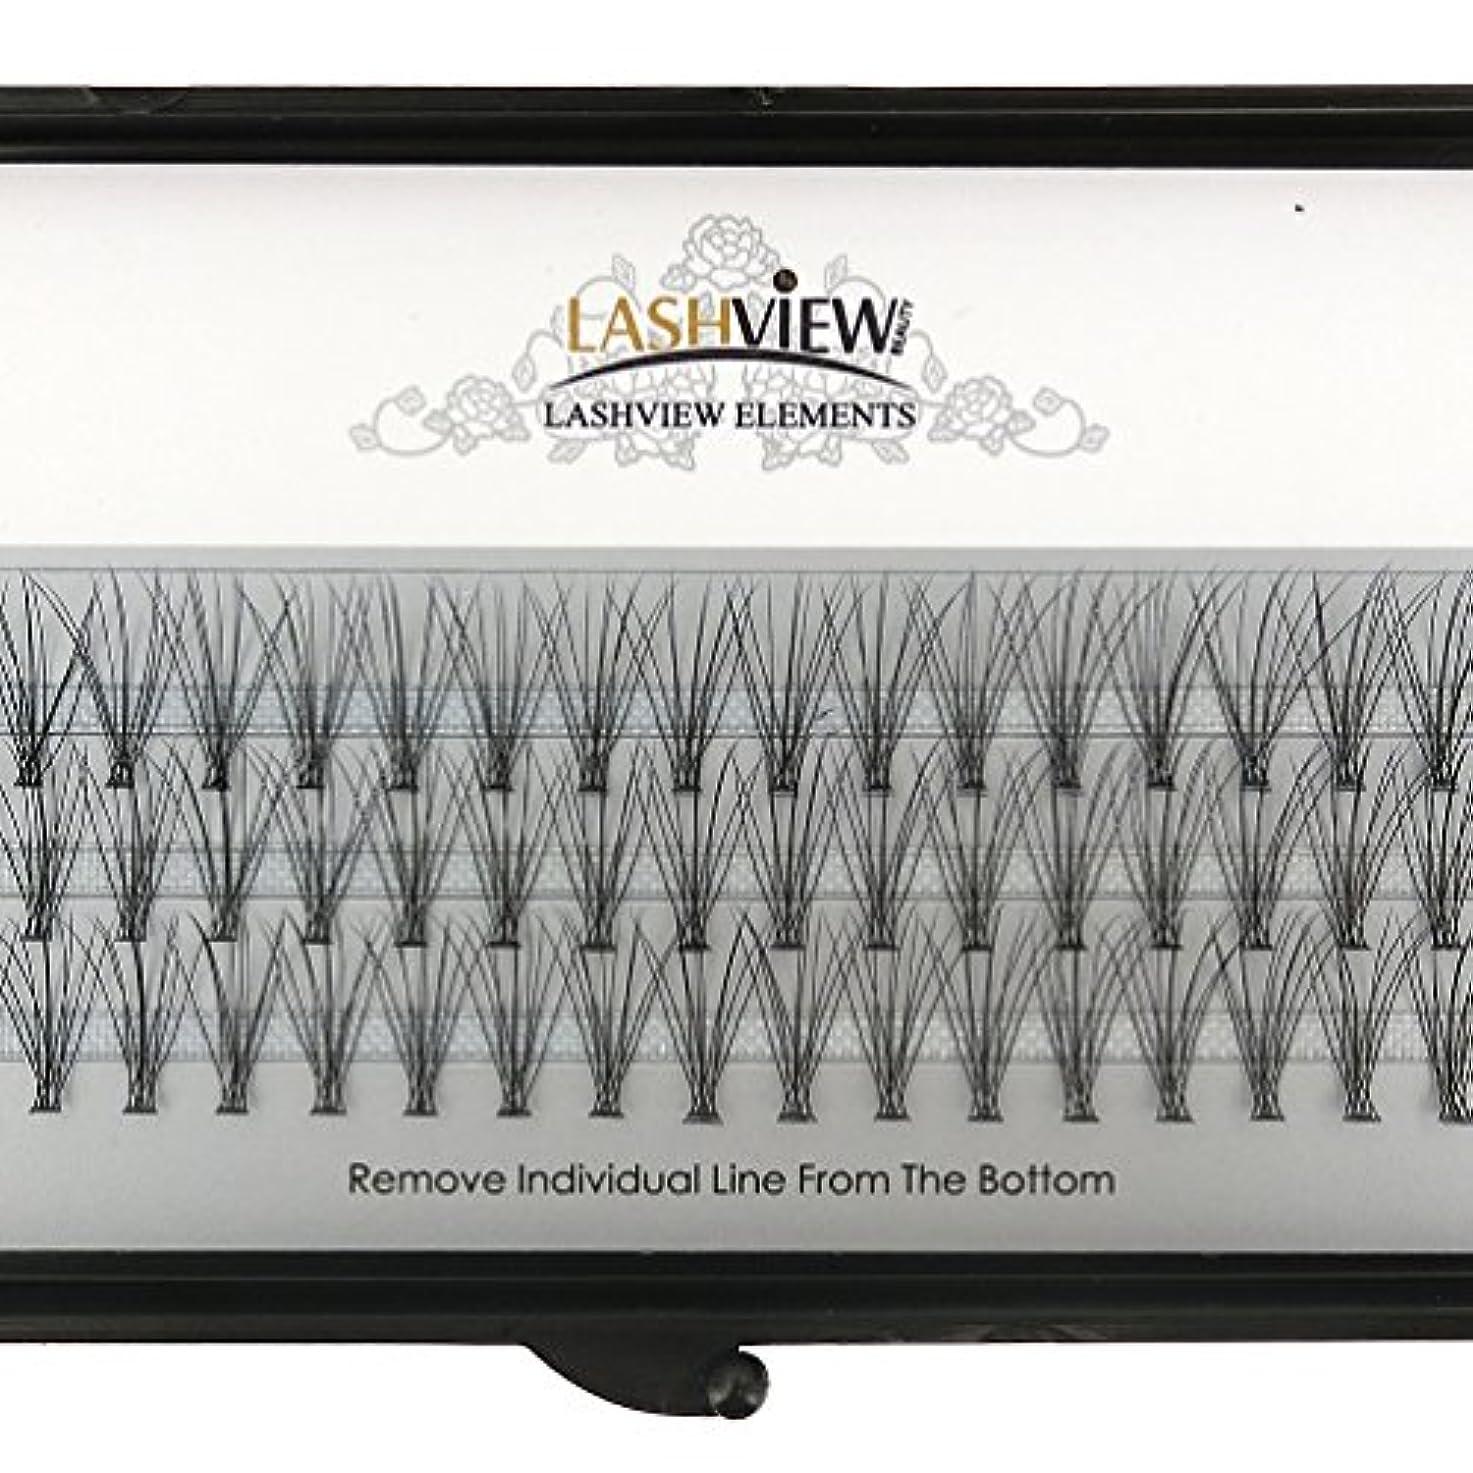 クスコアクセスできない性別LASHVIEW 高品質まつげエクステフレア セルフ用 超極細素材 太さ0.07mm 12mm Cカール マツエク10本束